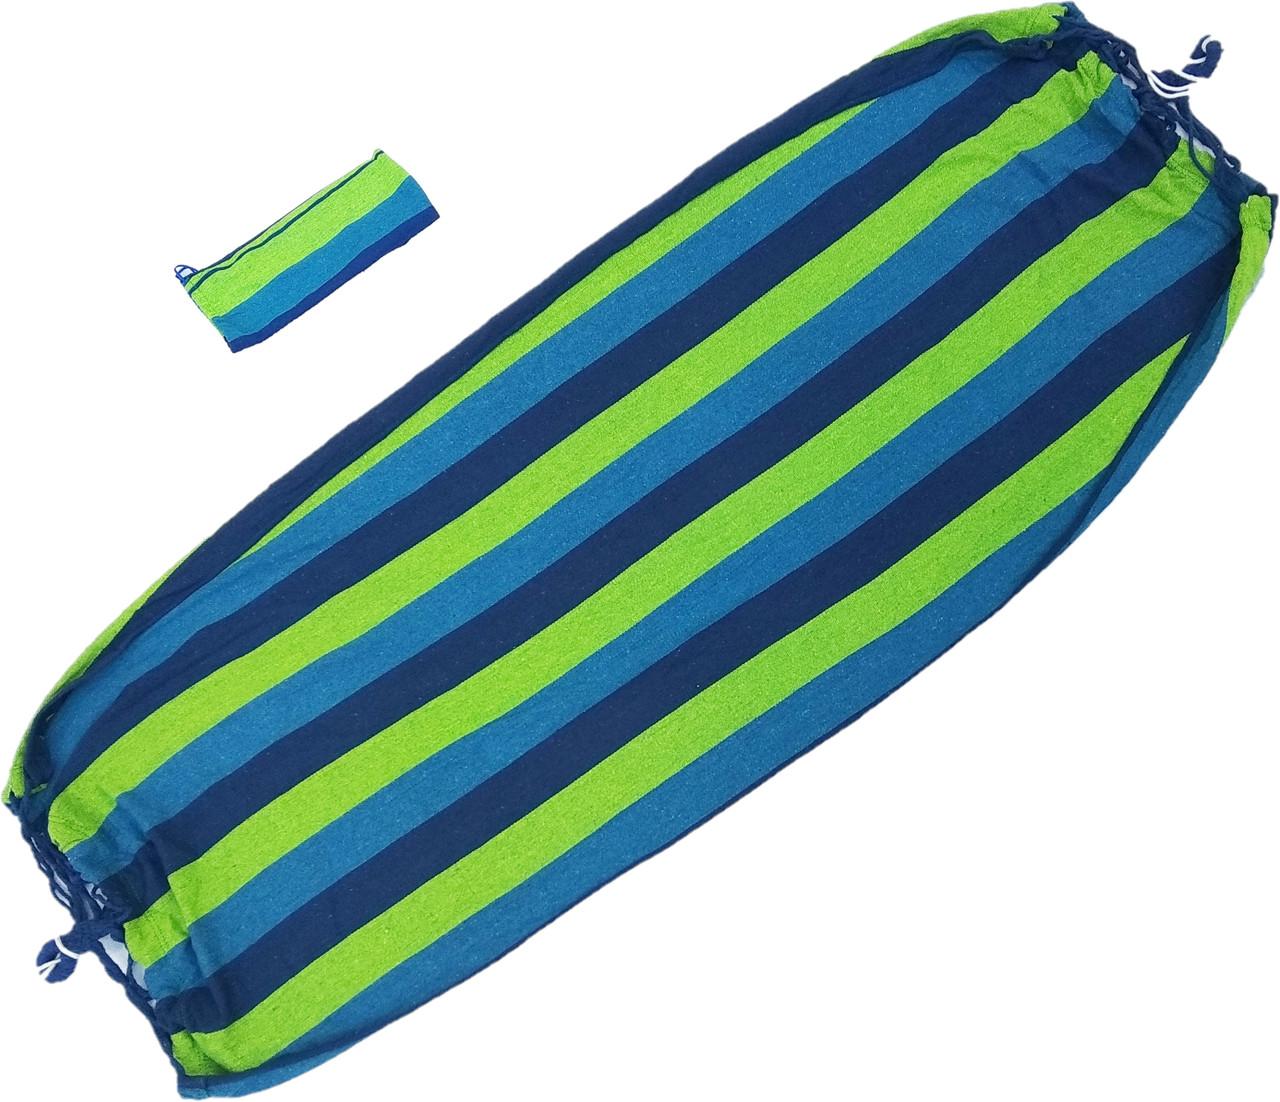 Гамак мексиканский ткань х/б с креплениями и рюкзачком 200*80см 208 Н Сине зеленая полоска